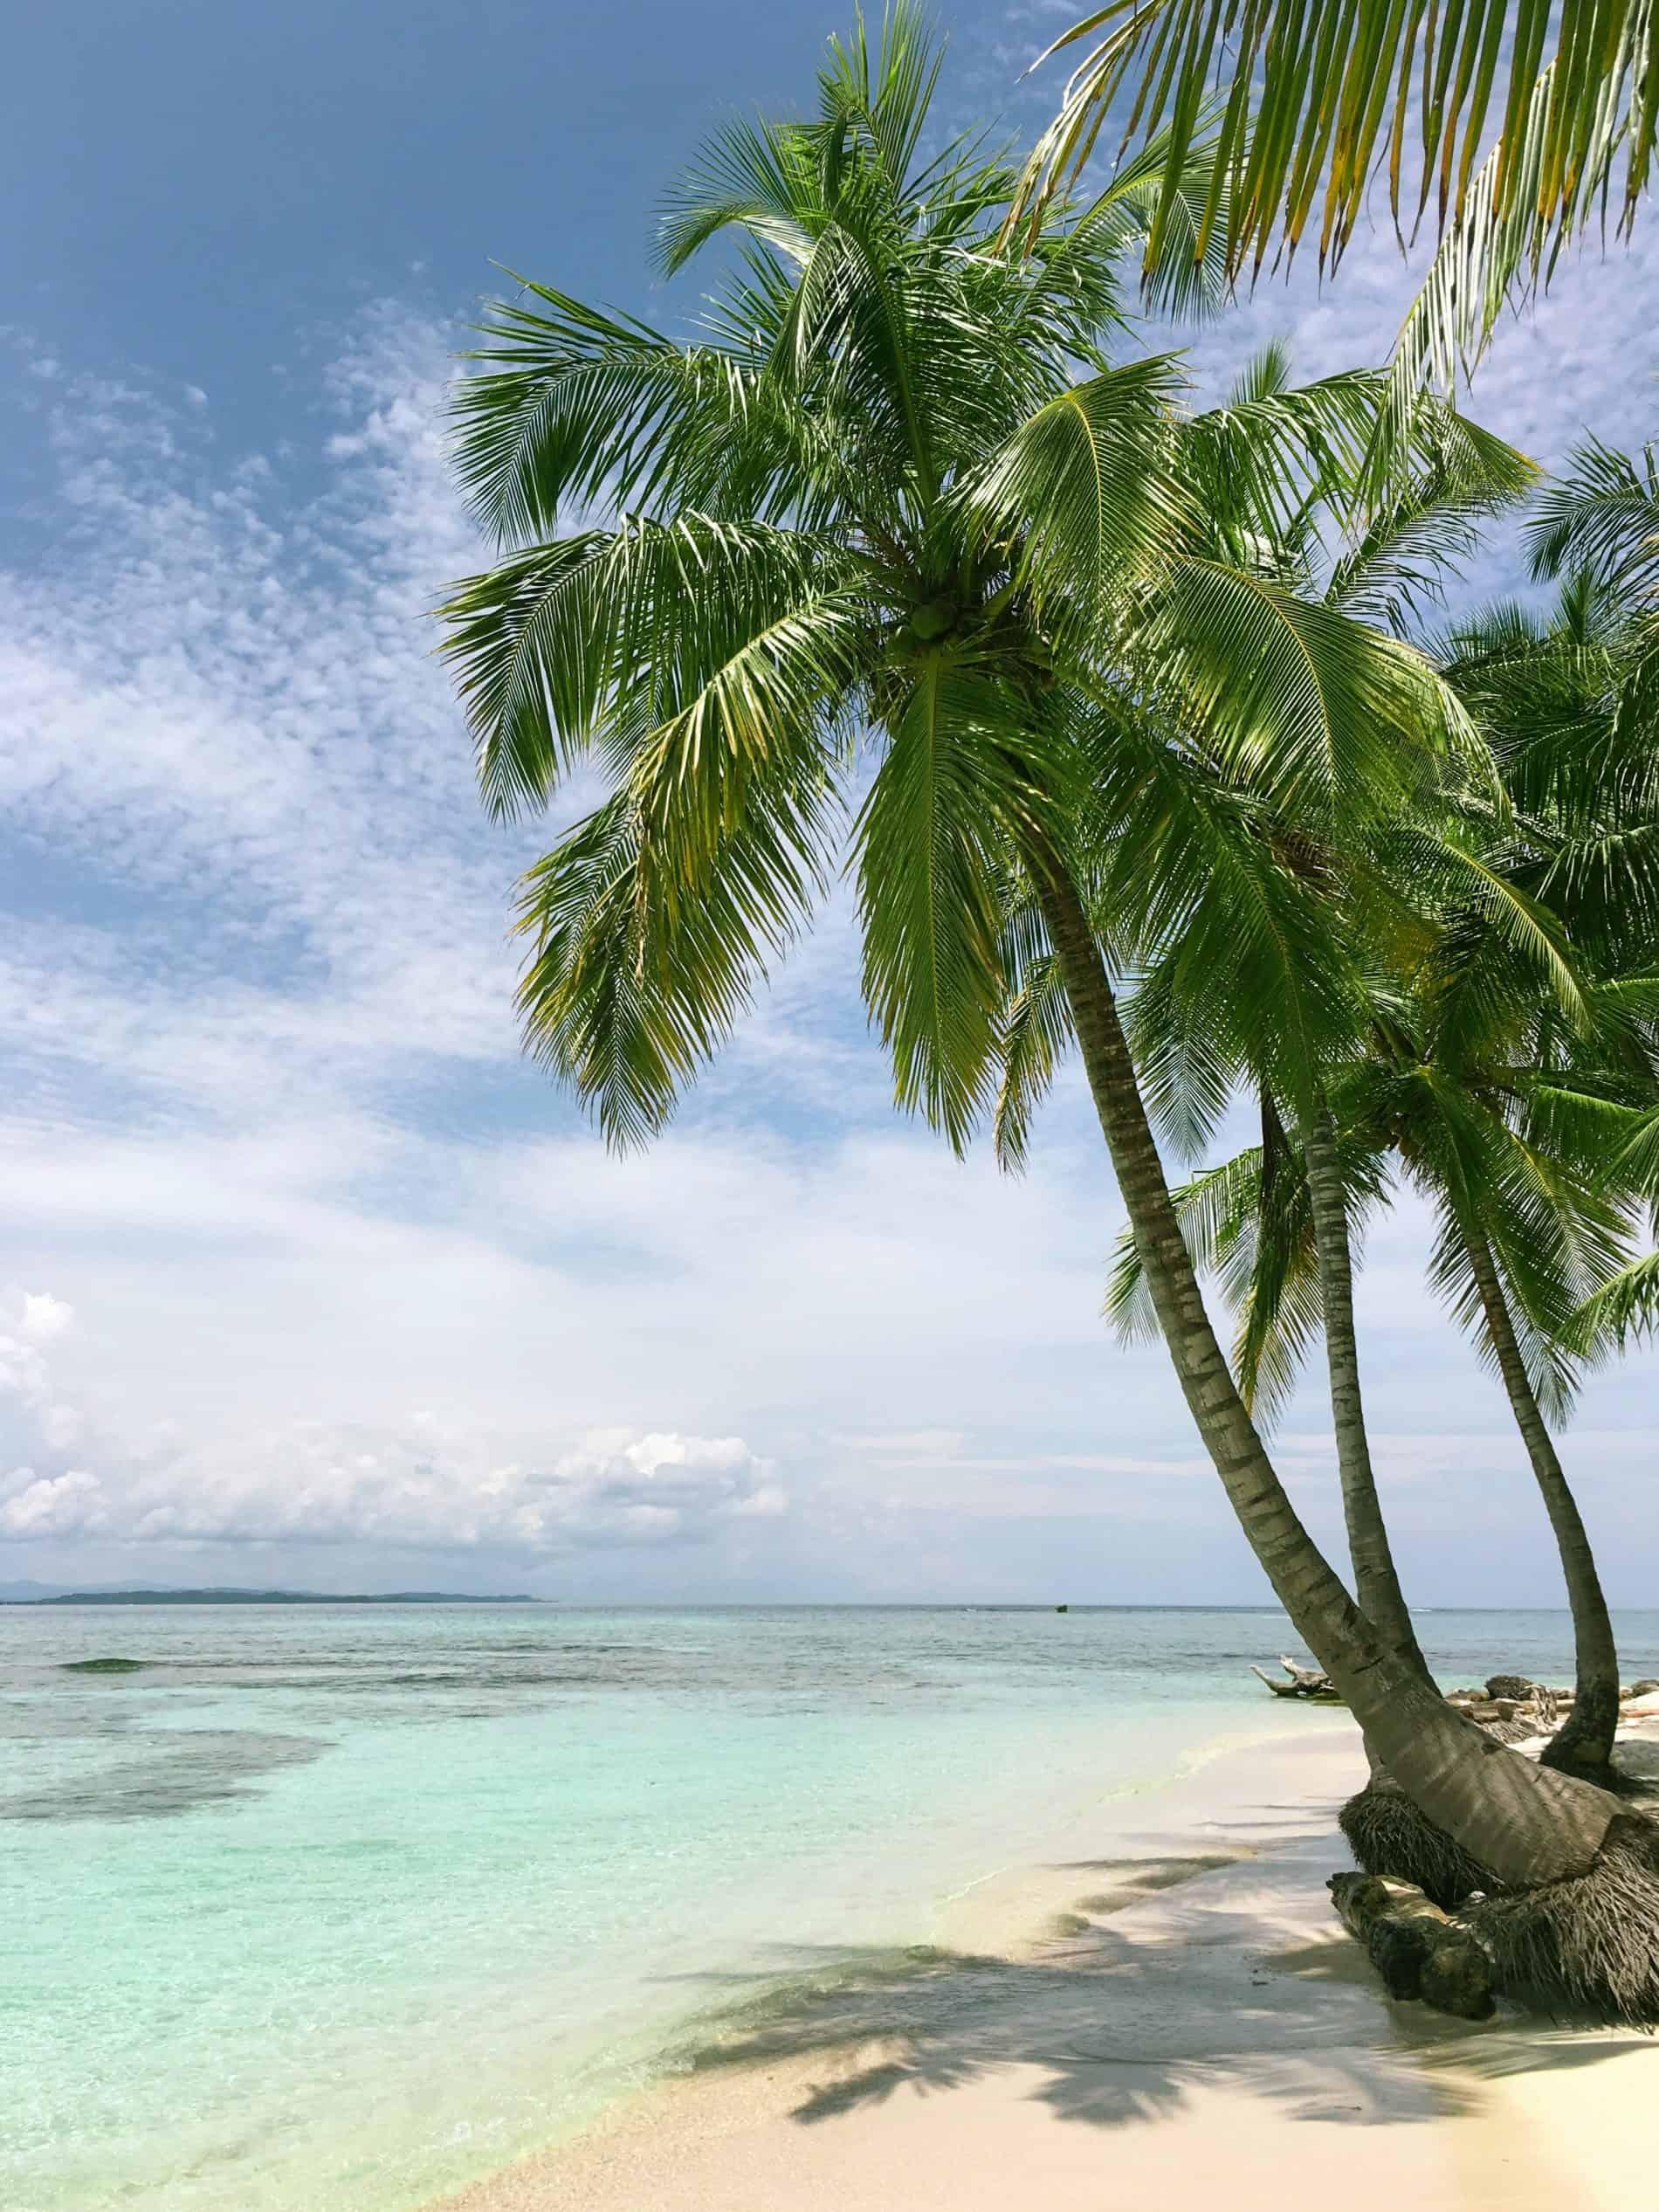 Sognare mare verde e spiagge dorate a San Blas